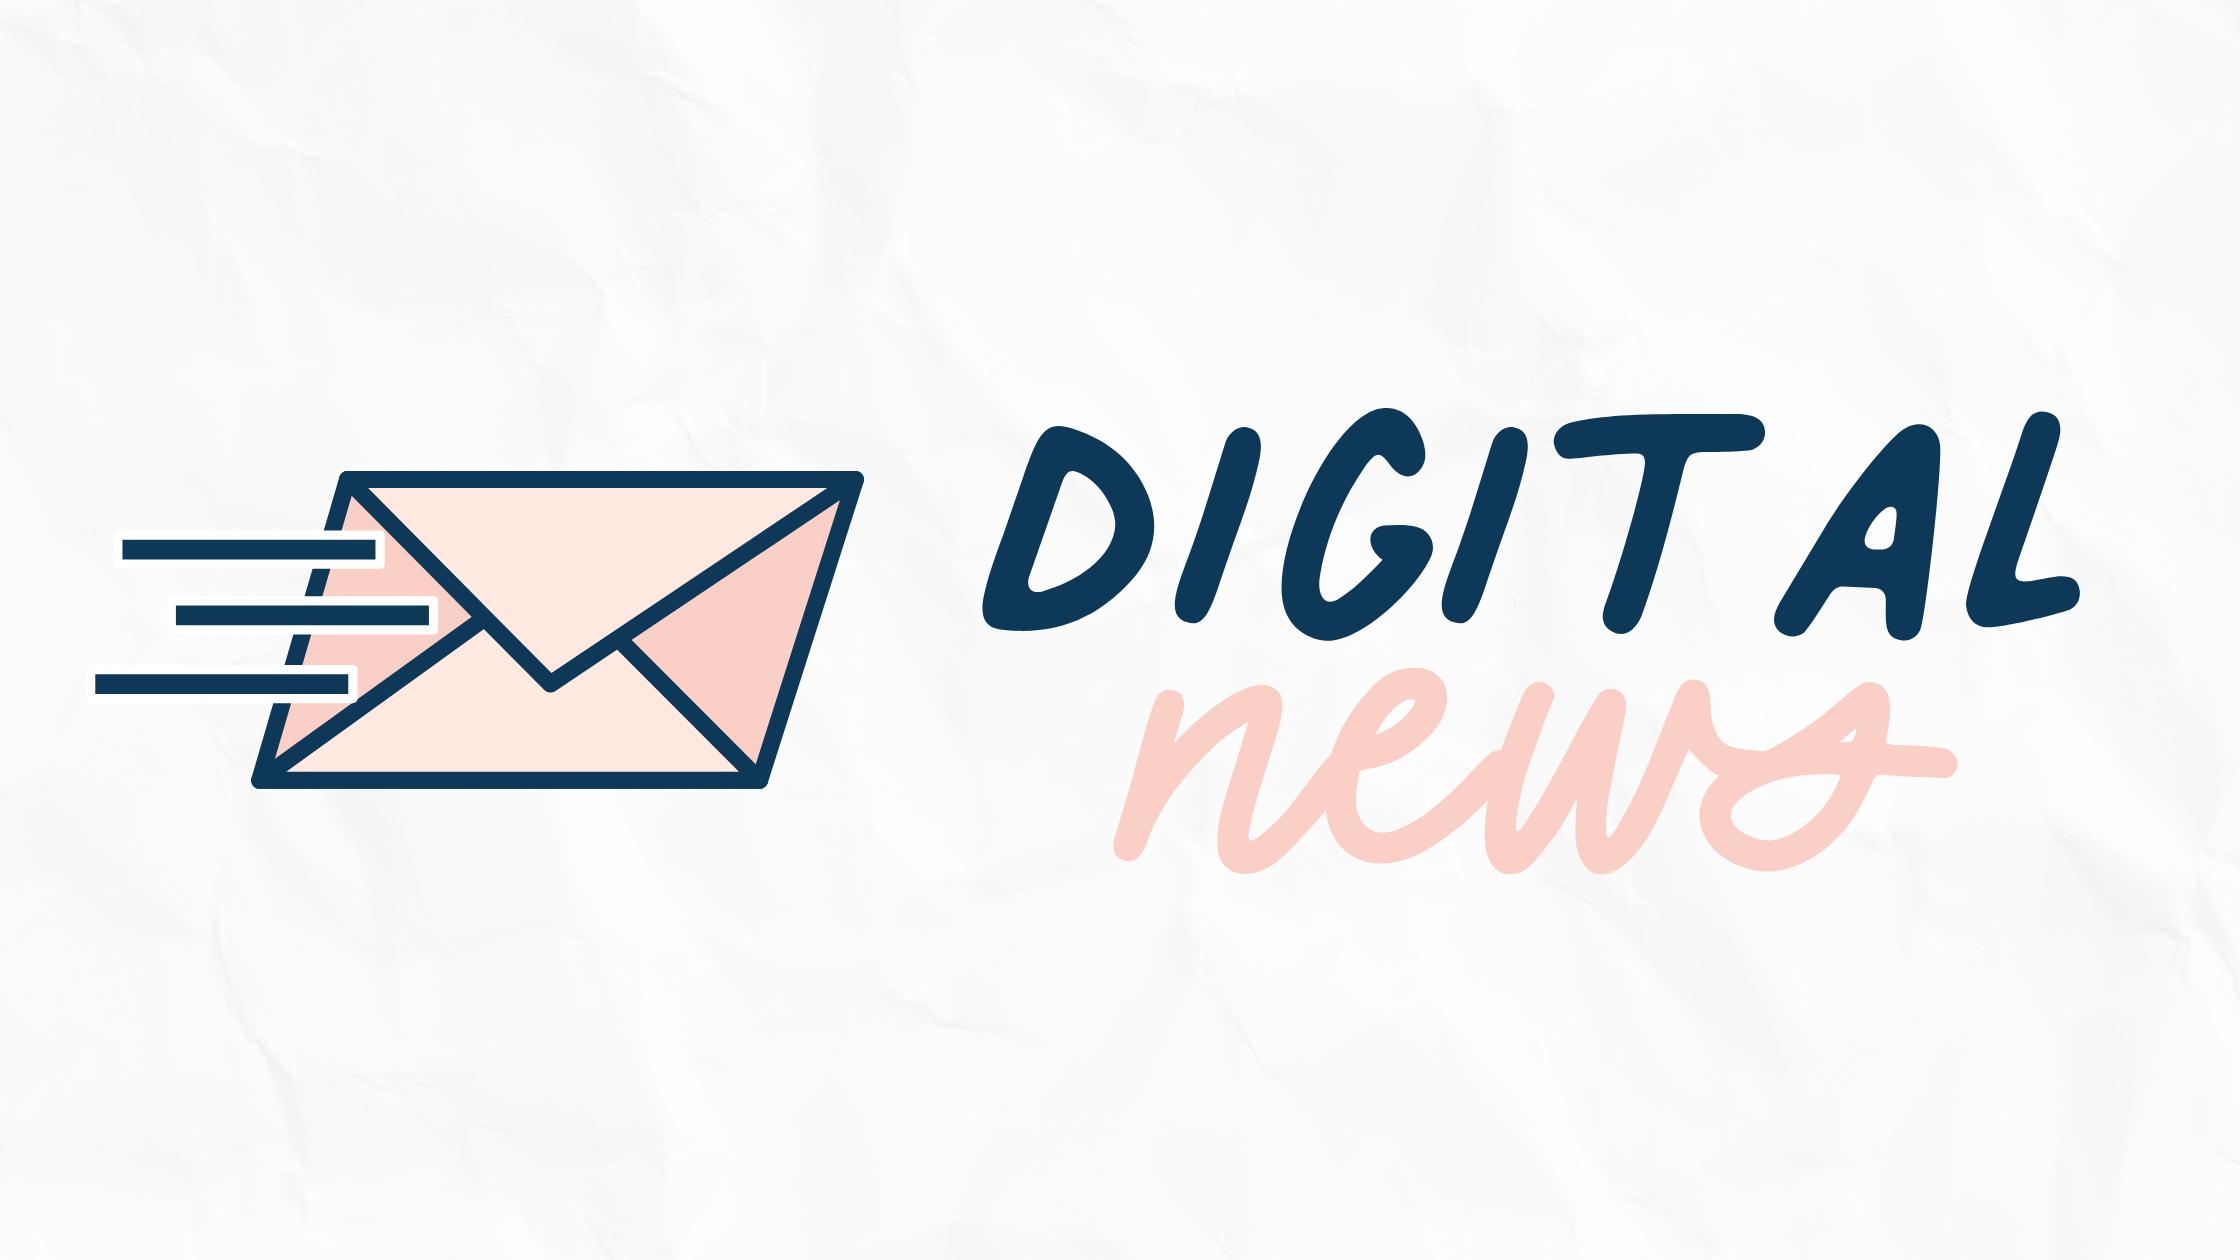 digital news formation emails